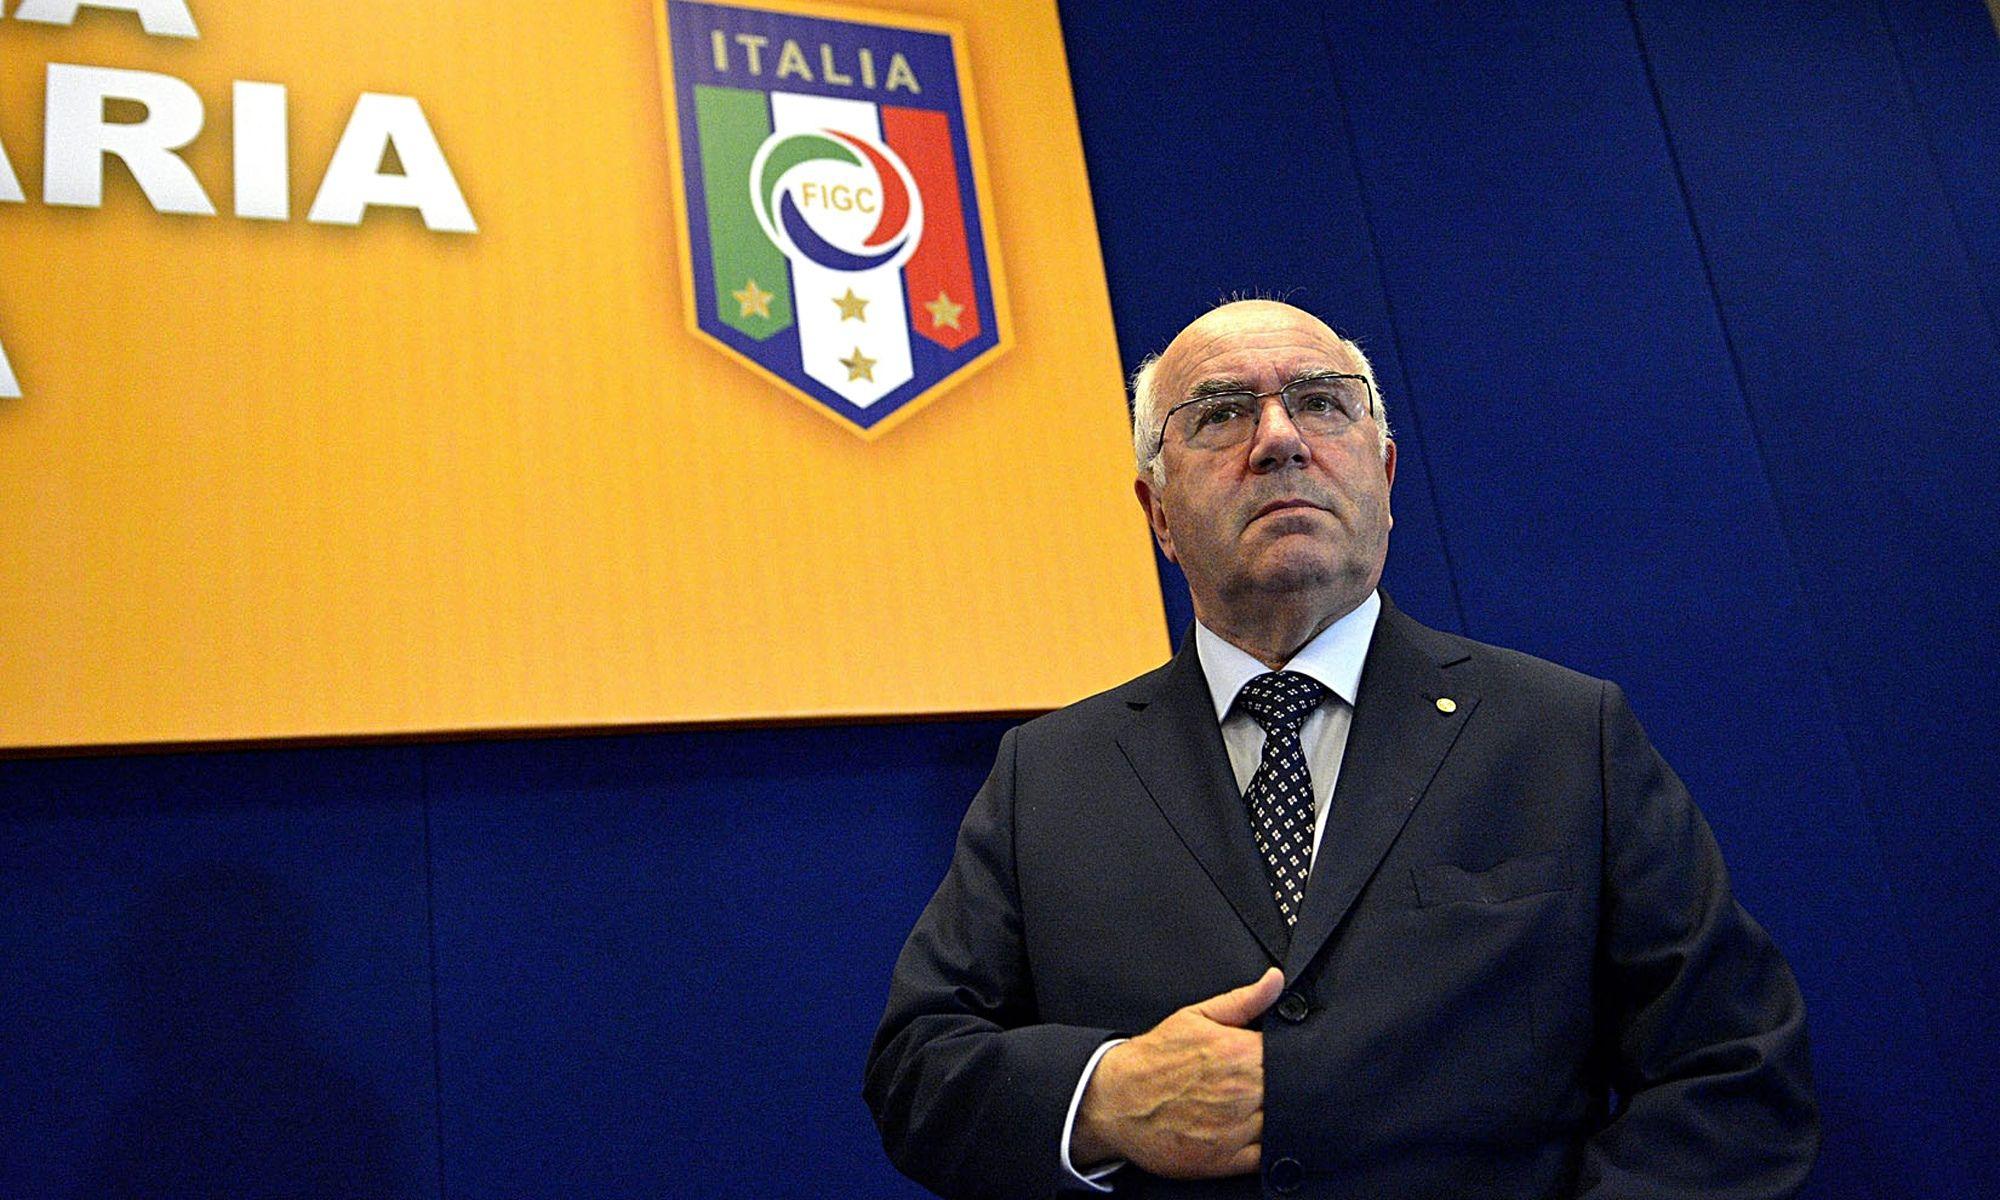 Carlo Tavecchio figc